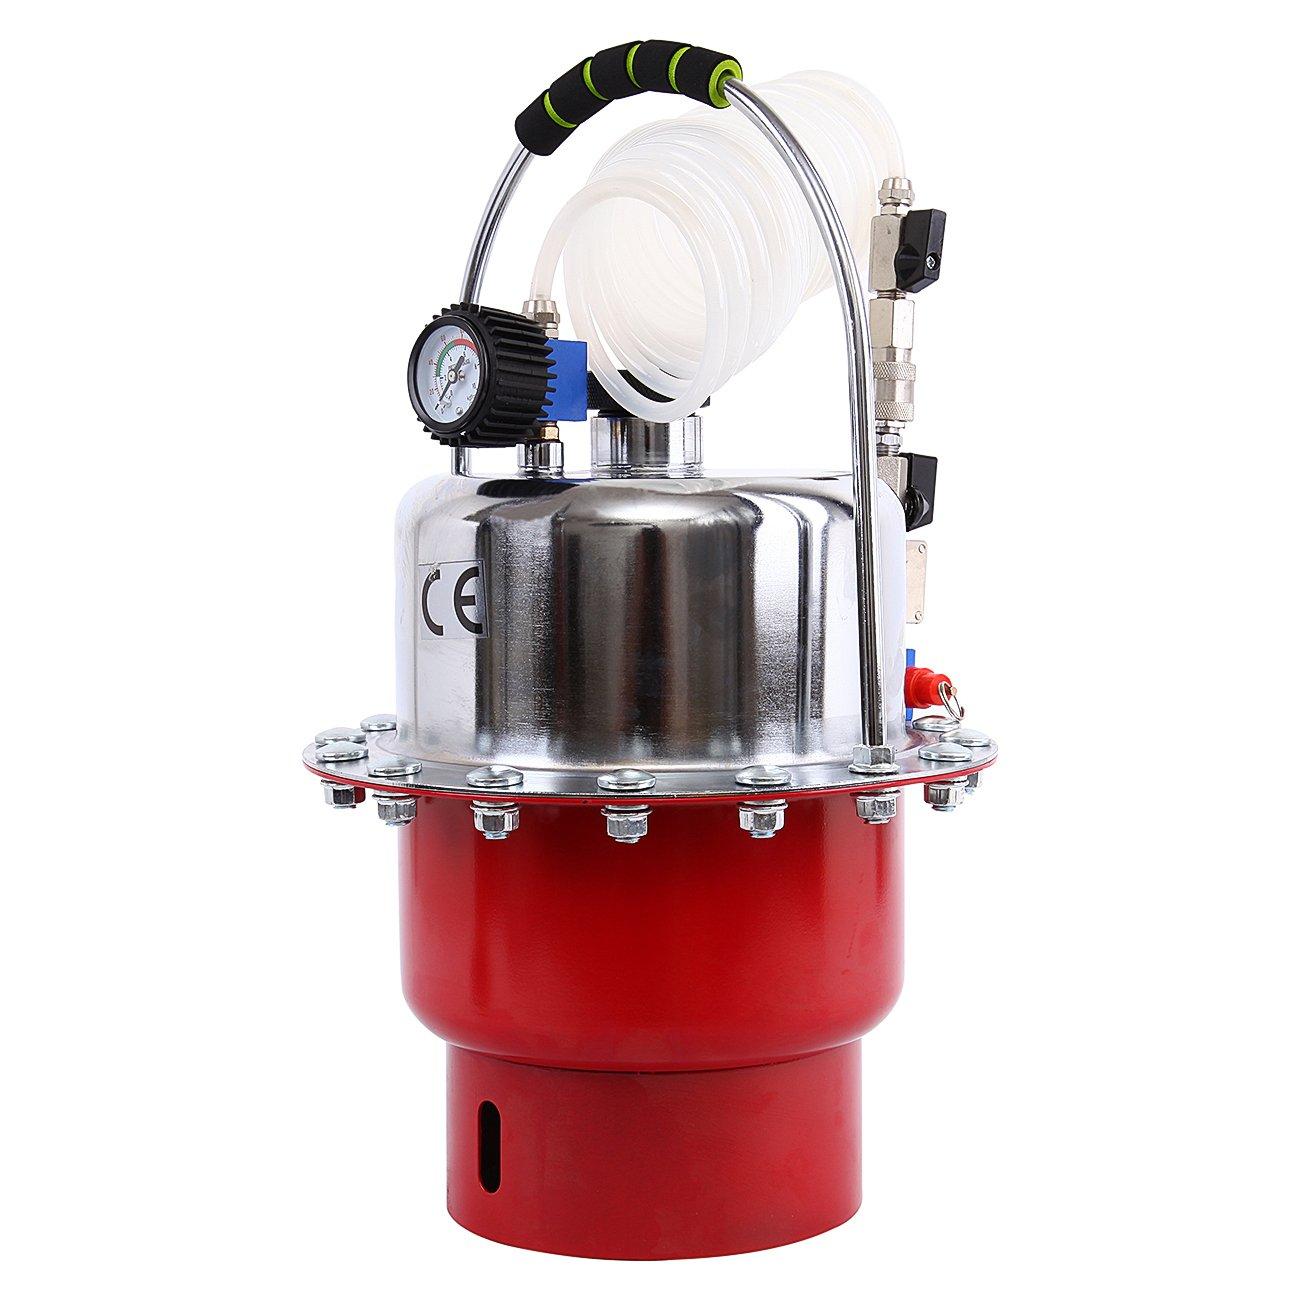 Honhill Kit de herramienta neumática de purga de presión de aire Kit de purga de garaje profesional: Amazon.es: Coche y moto